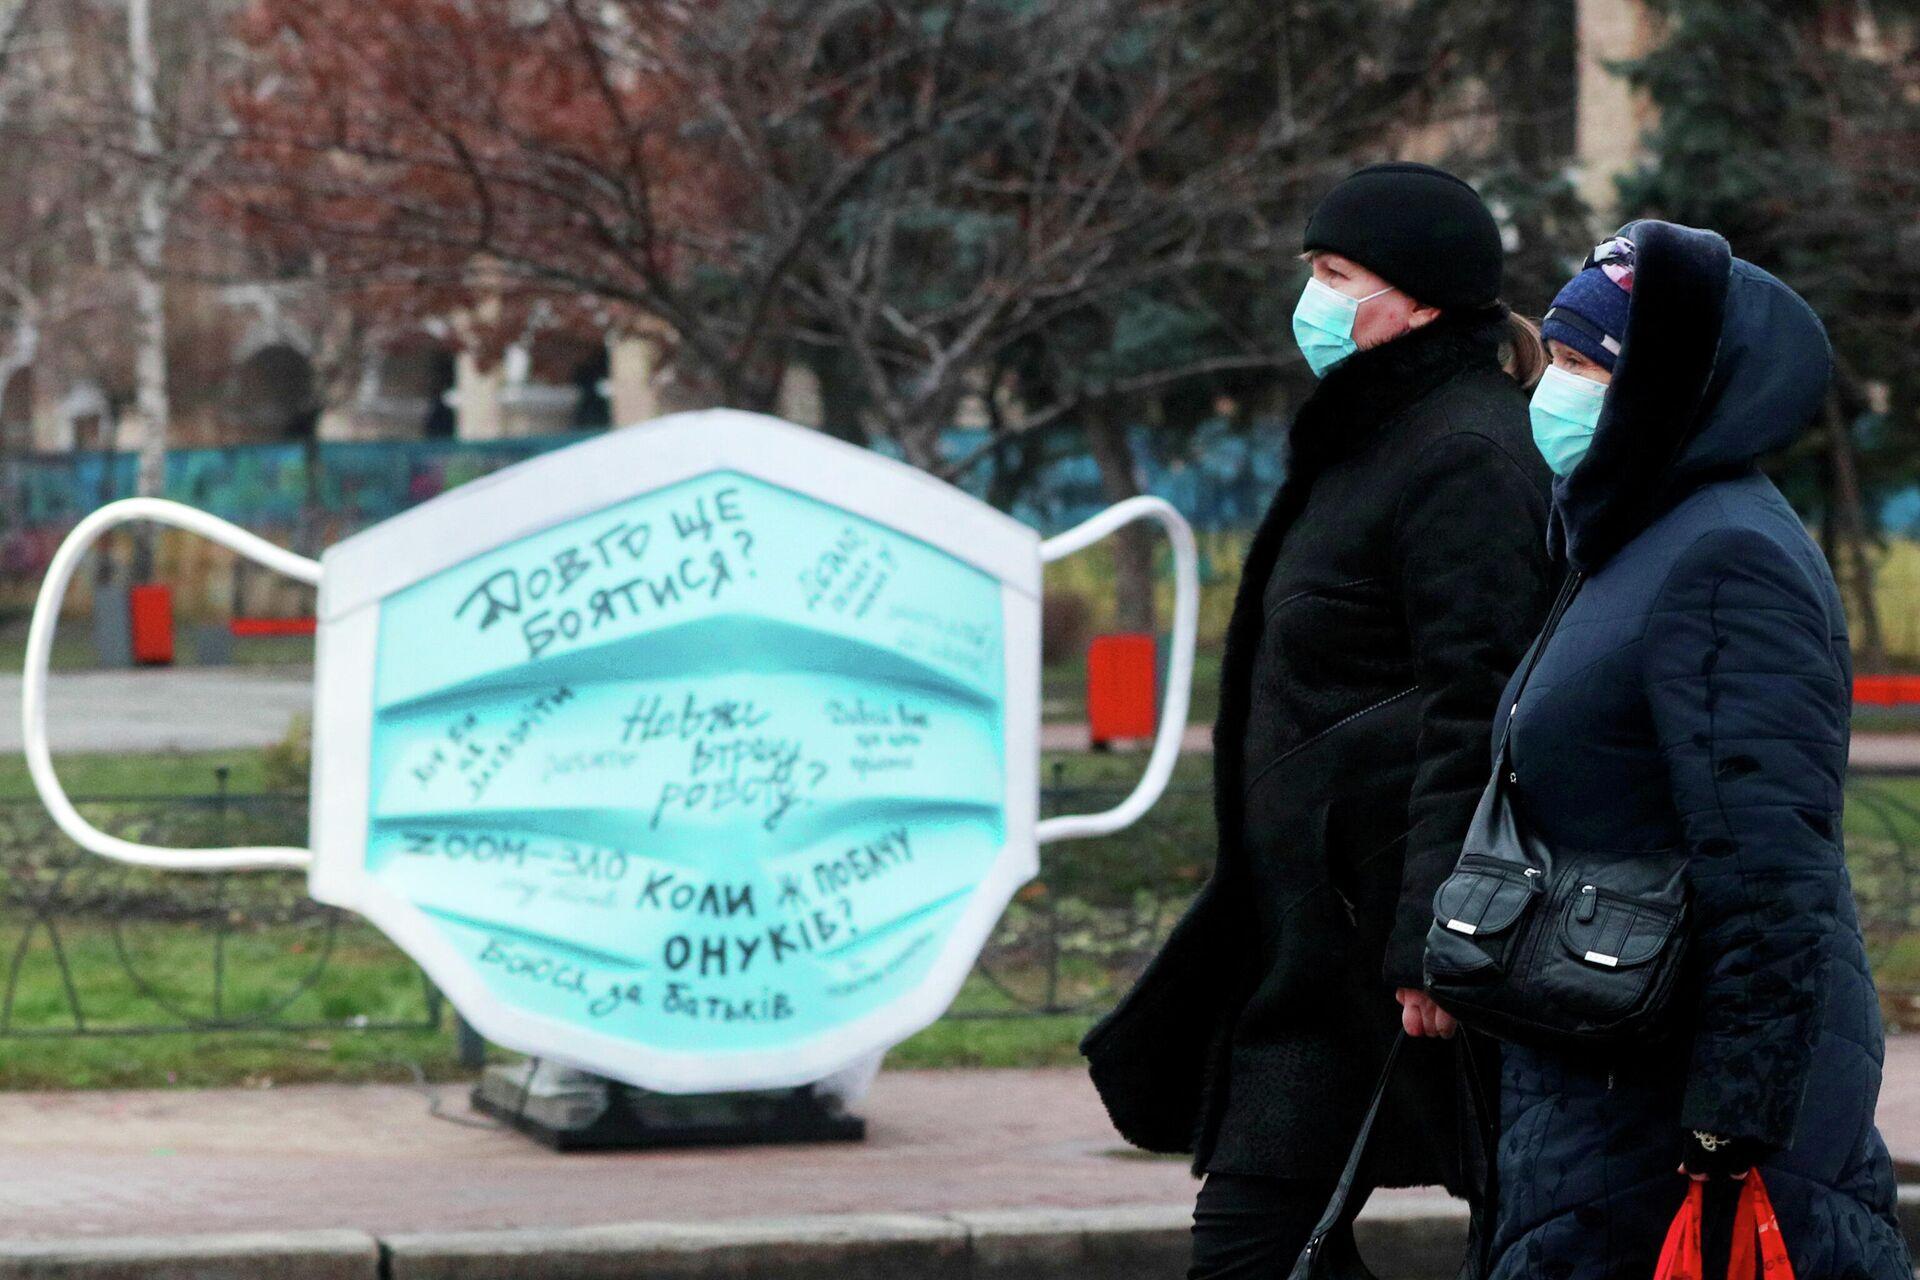 Женщины проходят мимо инсталляции в виде защитной маски на улице в Киеве - РИА Новости, 1920, 16.01.2021